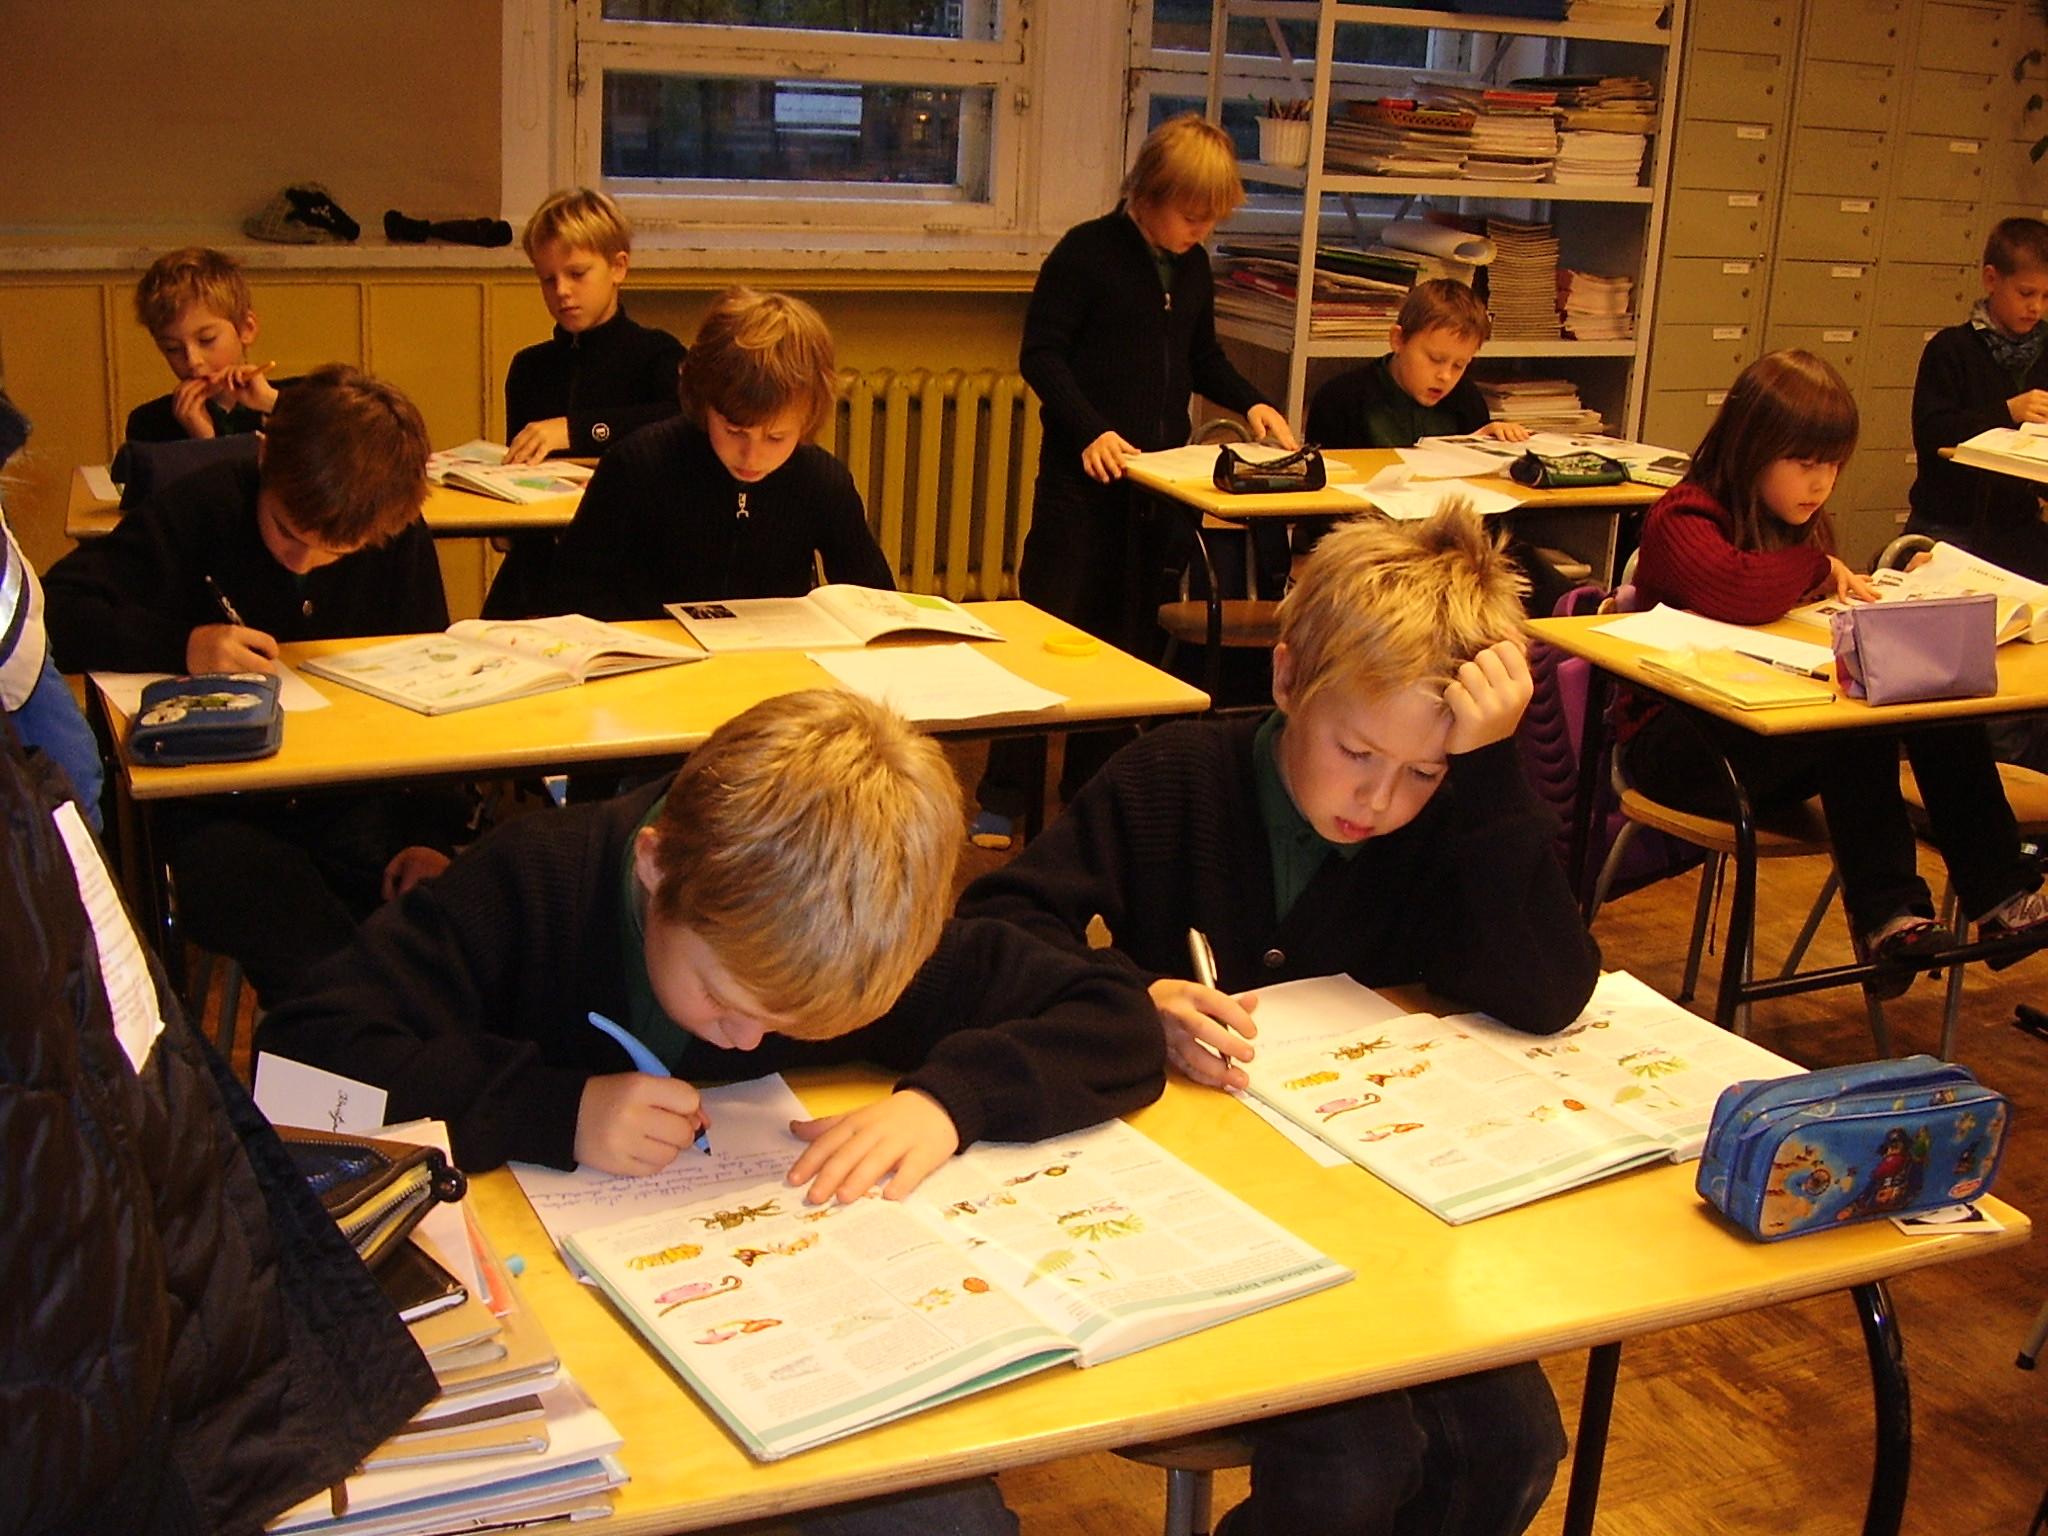 opioskused-klassiohtu-okt2009-002